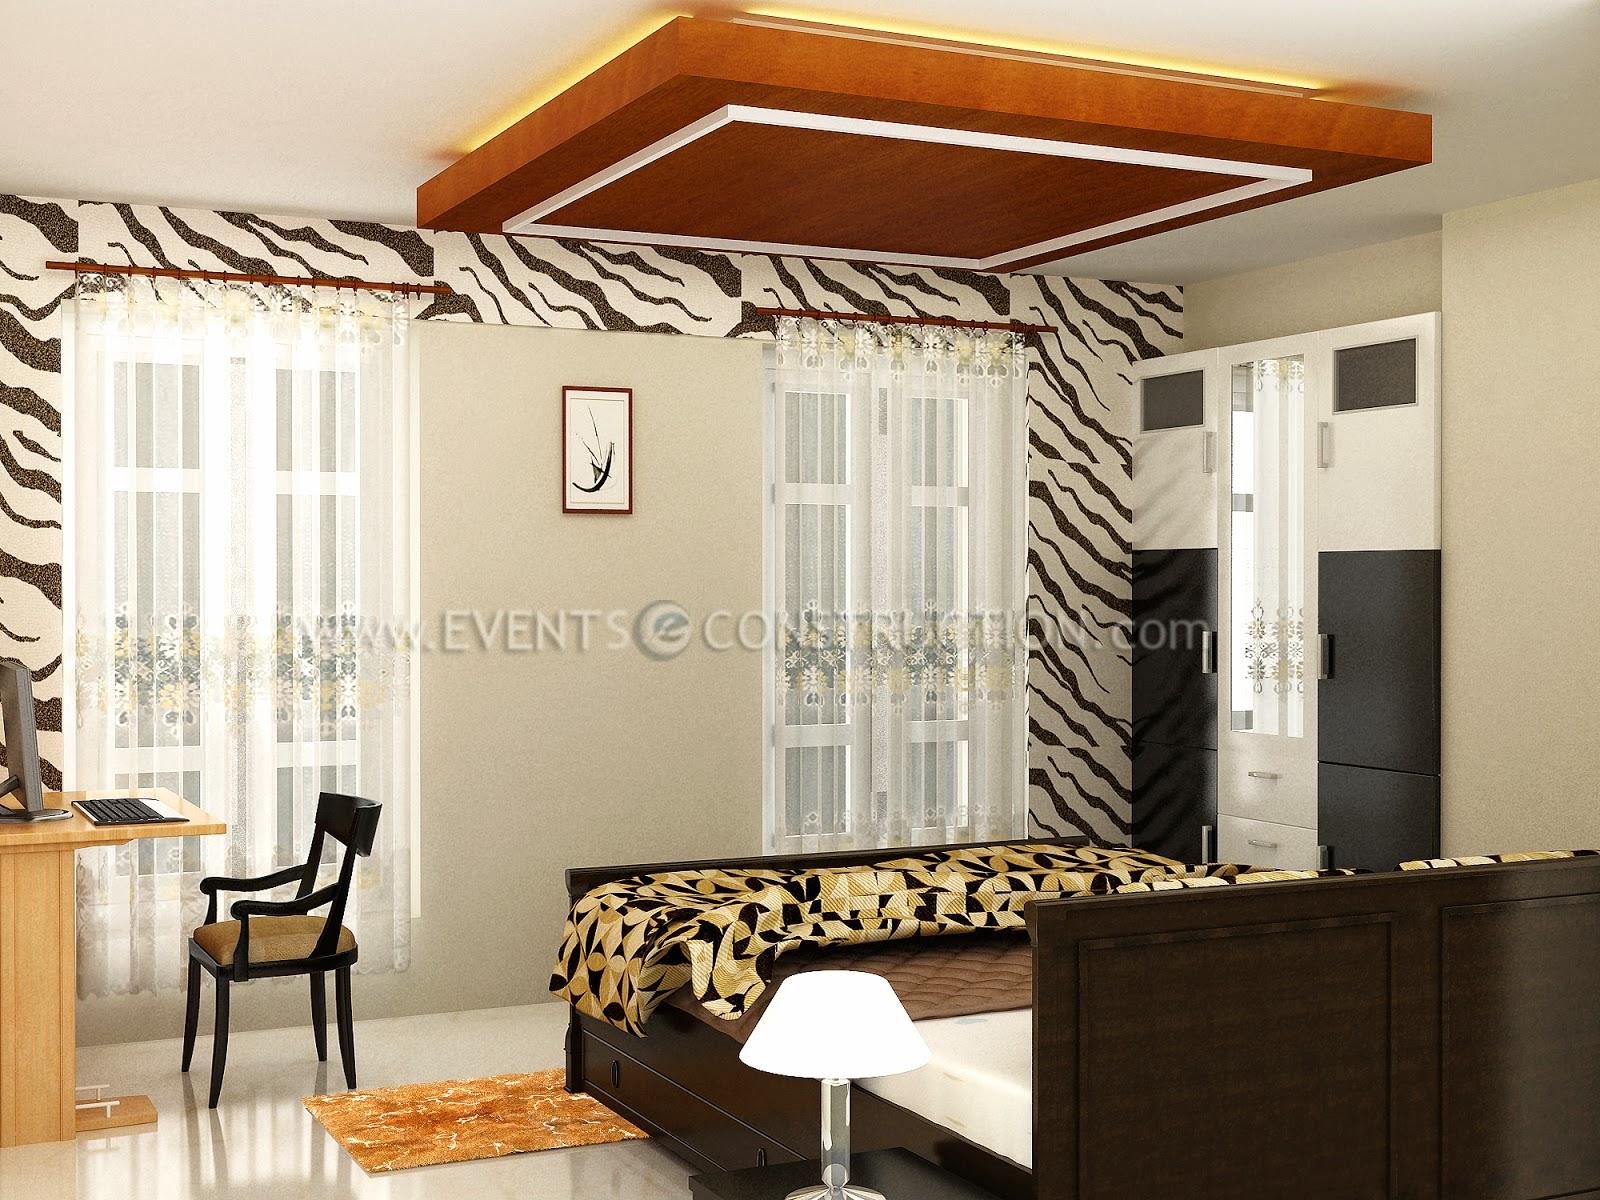 Evens construction pvt ltd kerala bedroom interior design for Villa interior designers ltd nairobi kenya